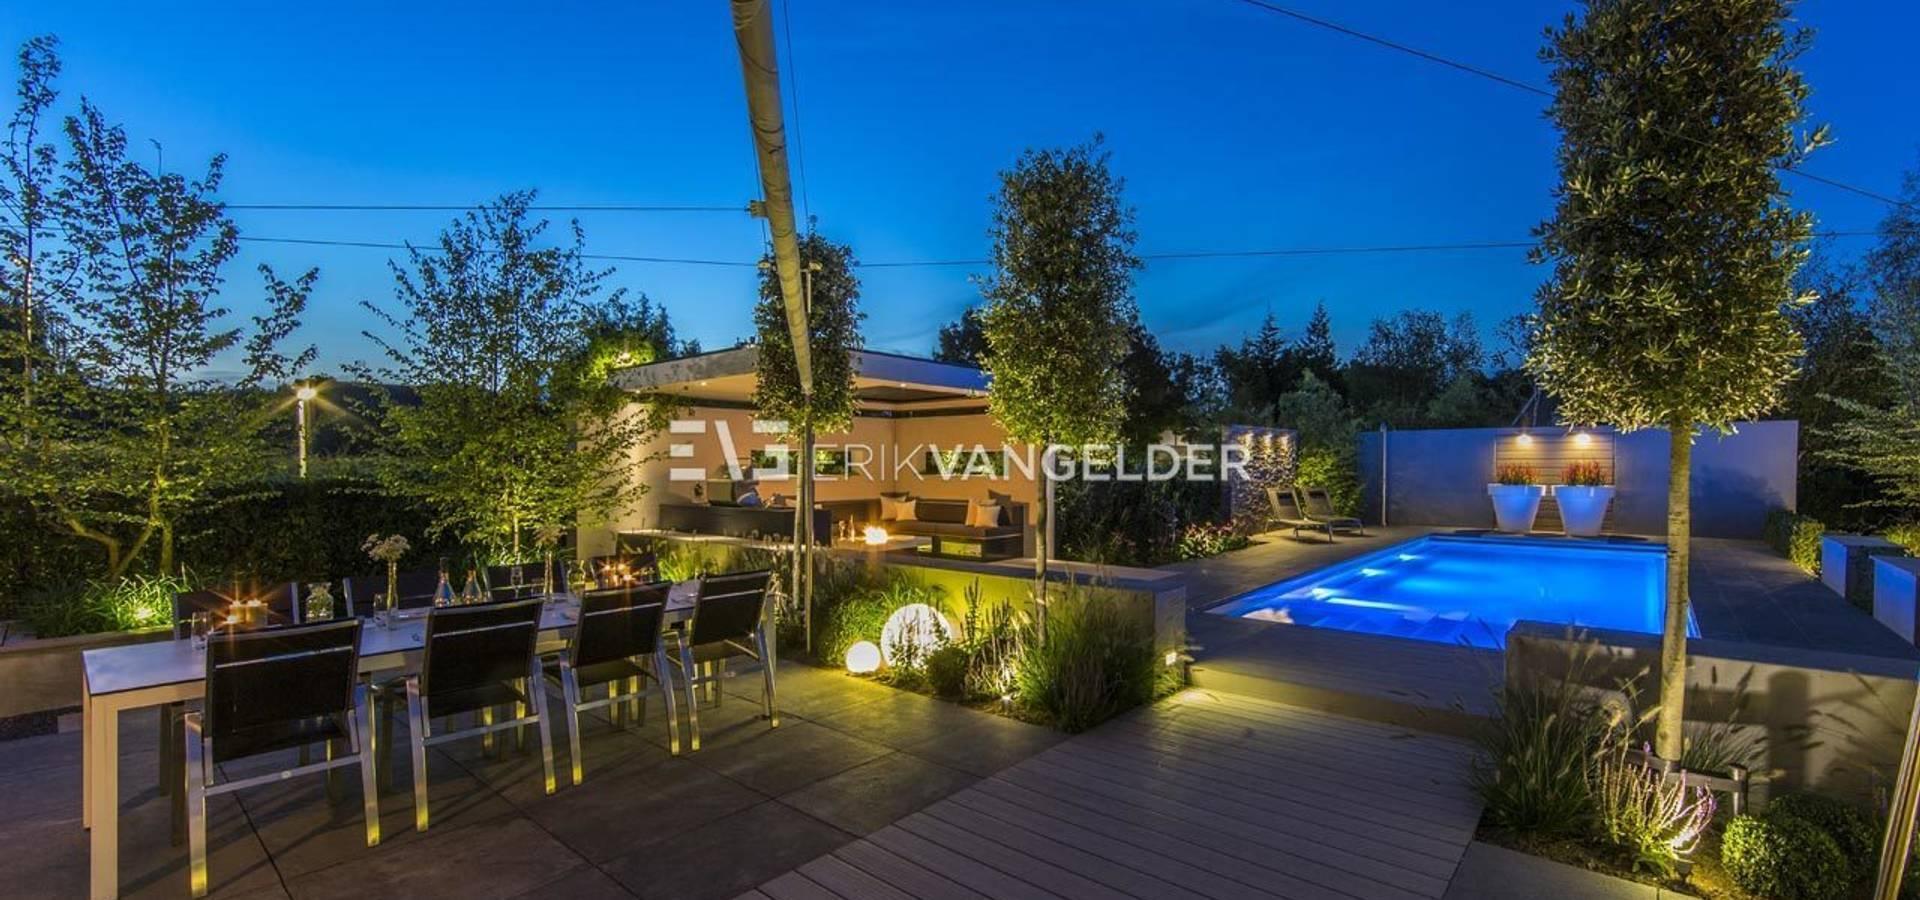 Wellness garden with pool Barendrecht von ERIK VAN GELDER | Devoted ...